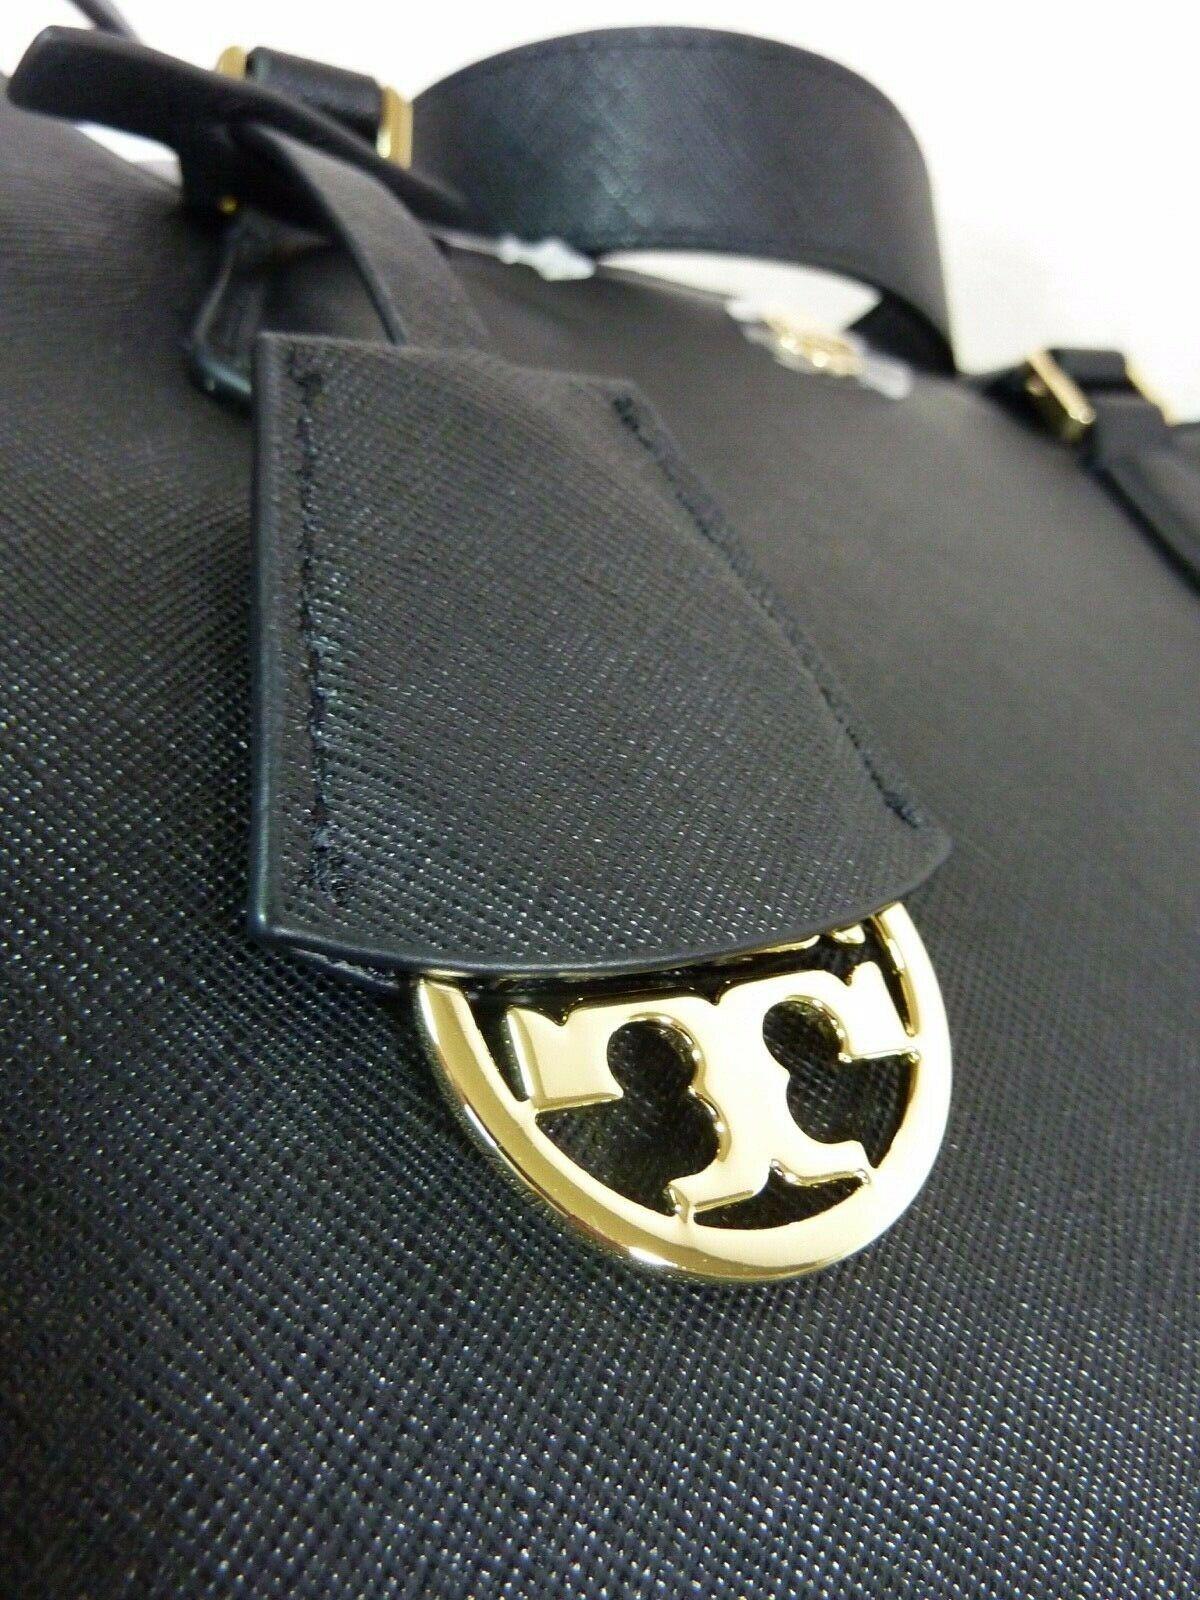 NWT Tory Burch Black Saffiano Leather Robinson Triple-compartment Tote $458